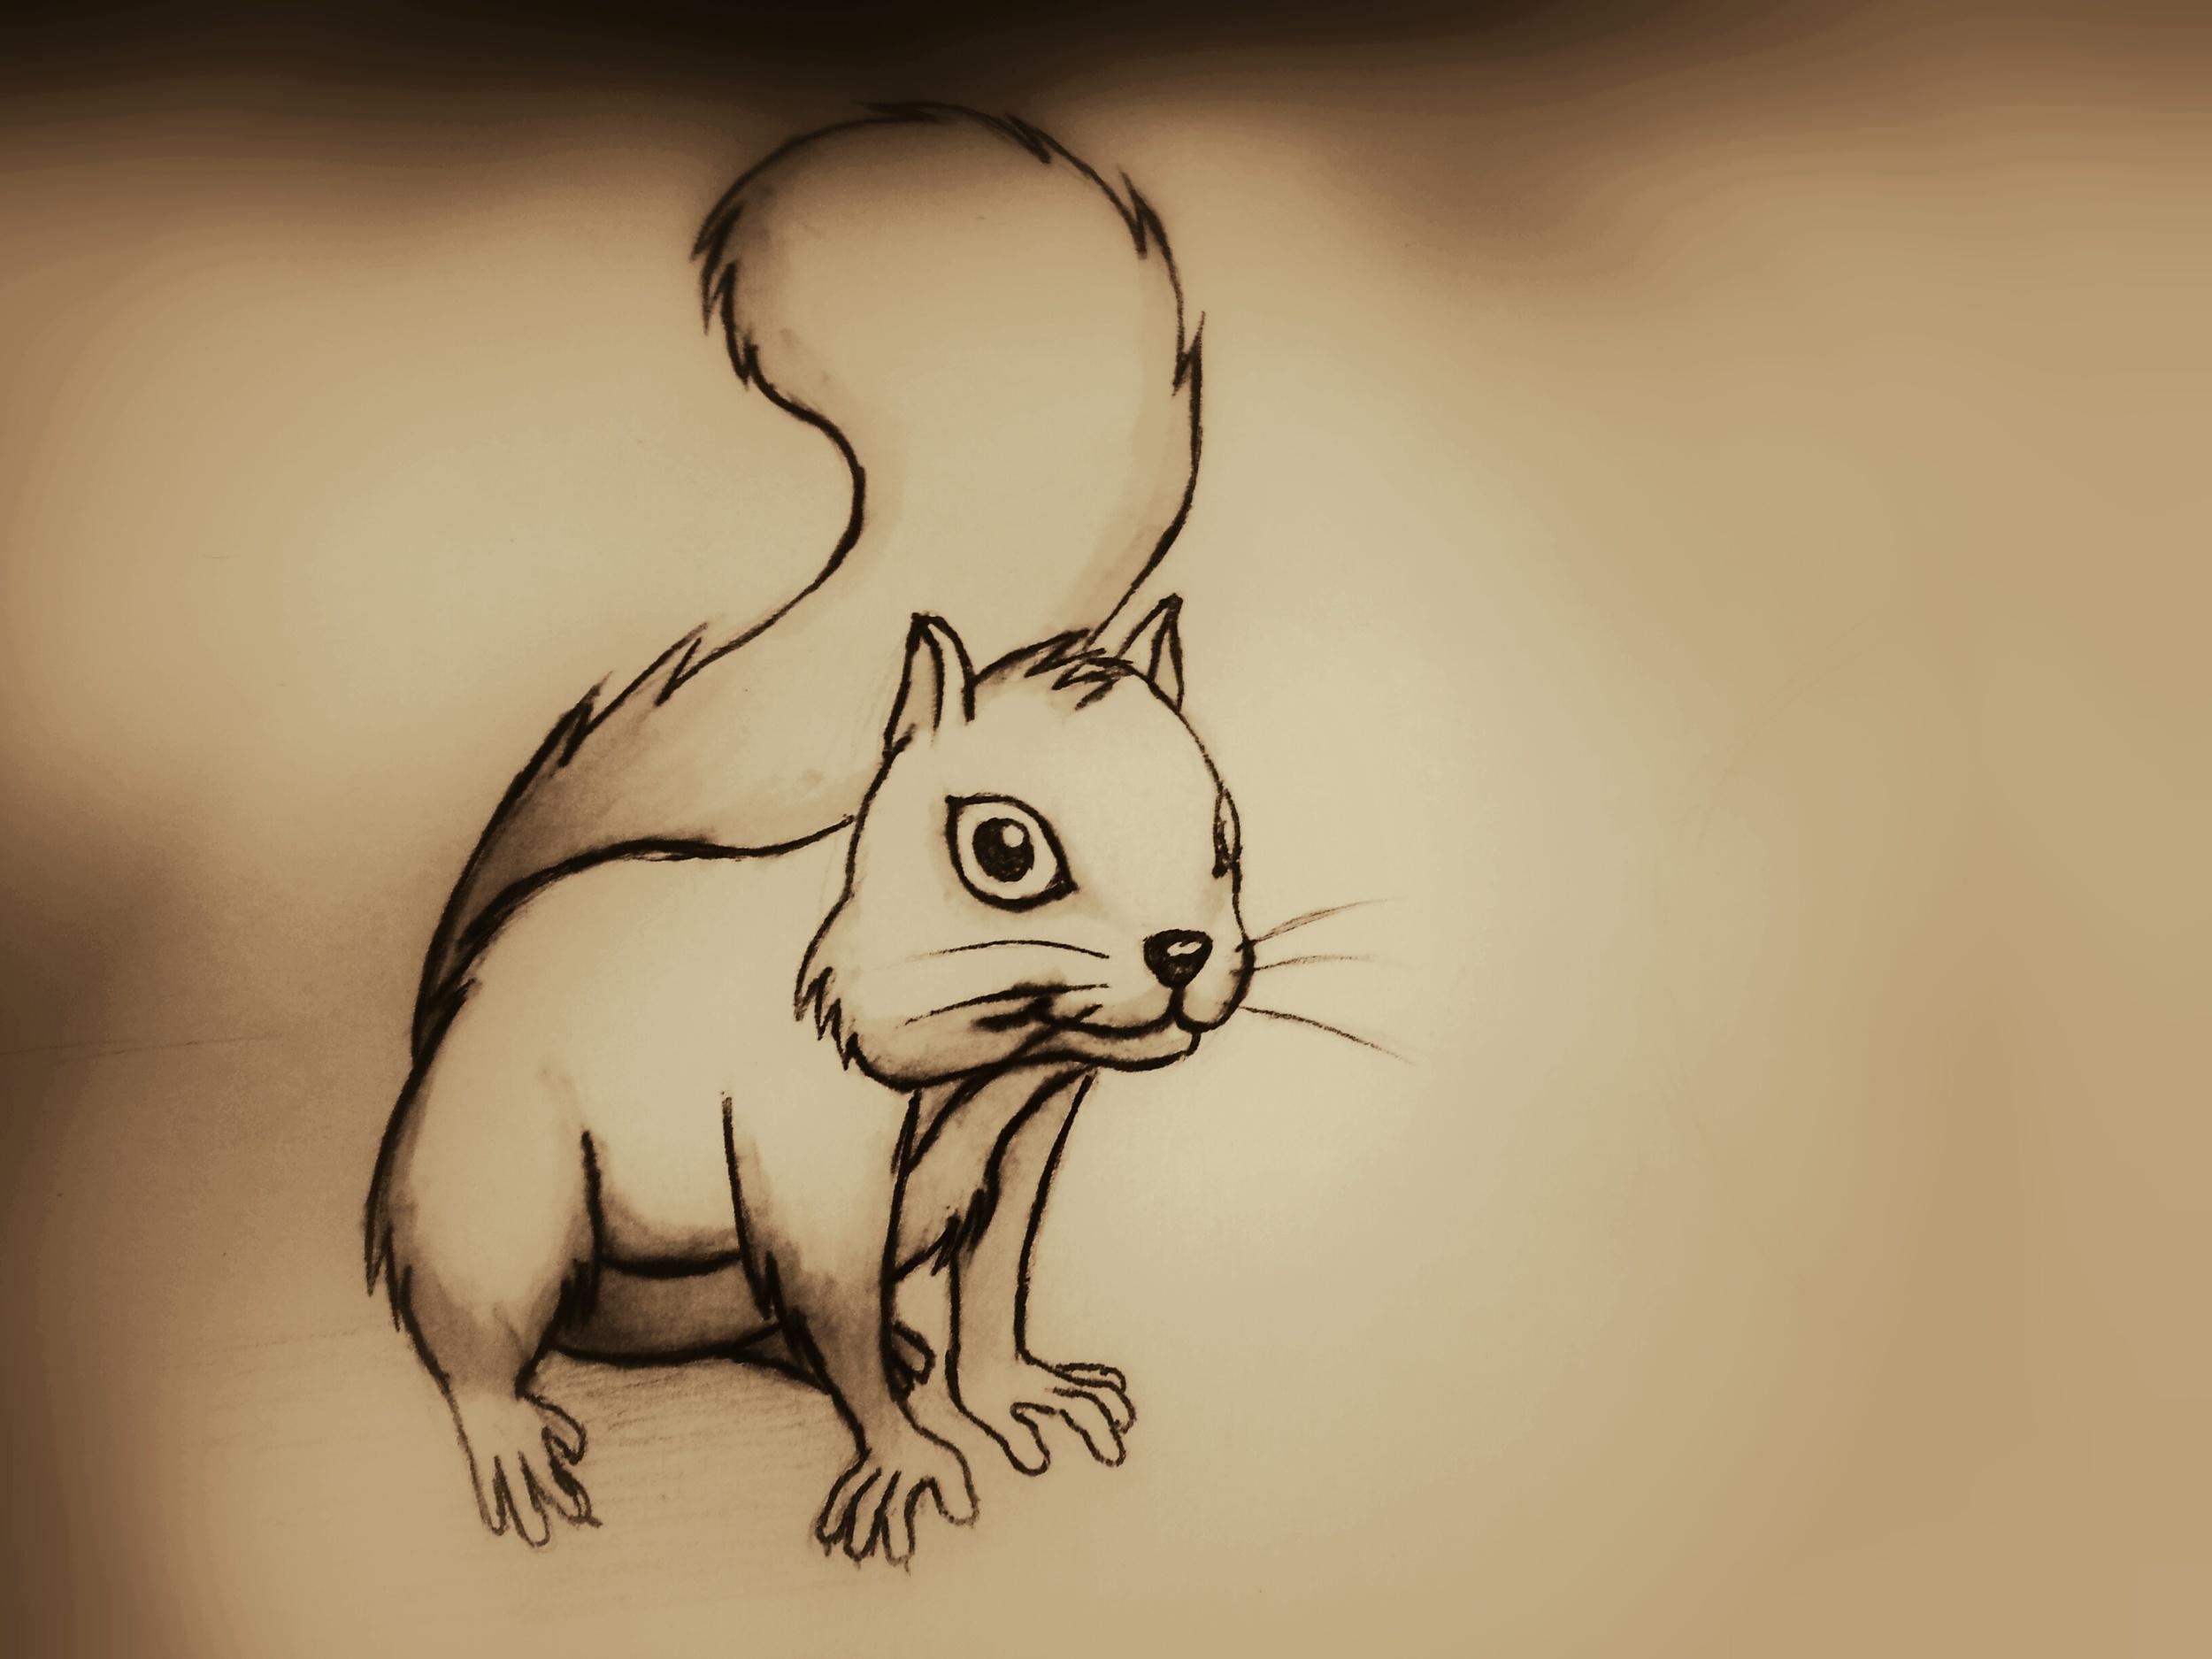 Squirrel illustration by Derek Mit